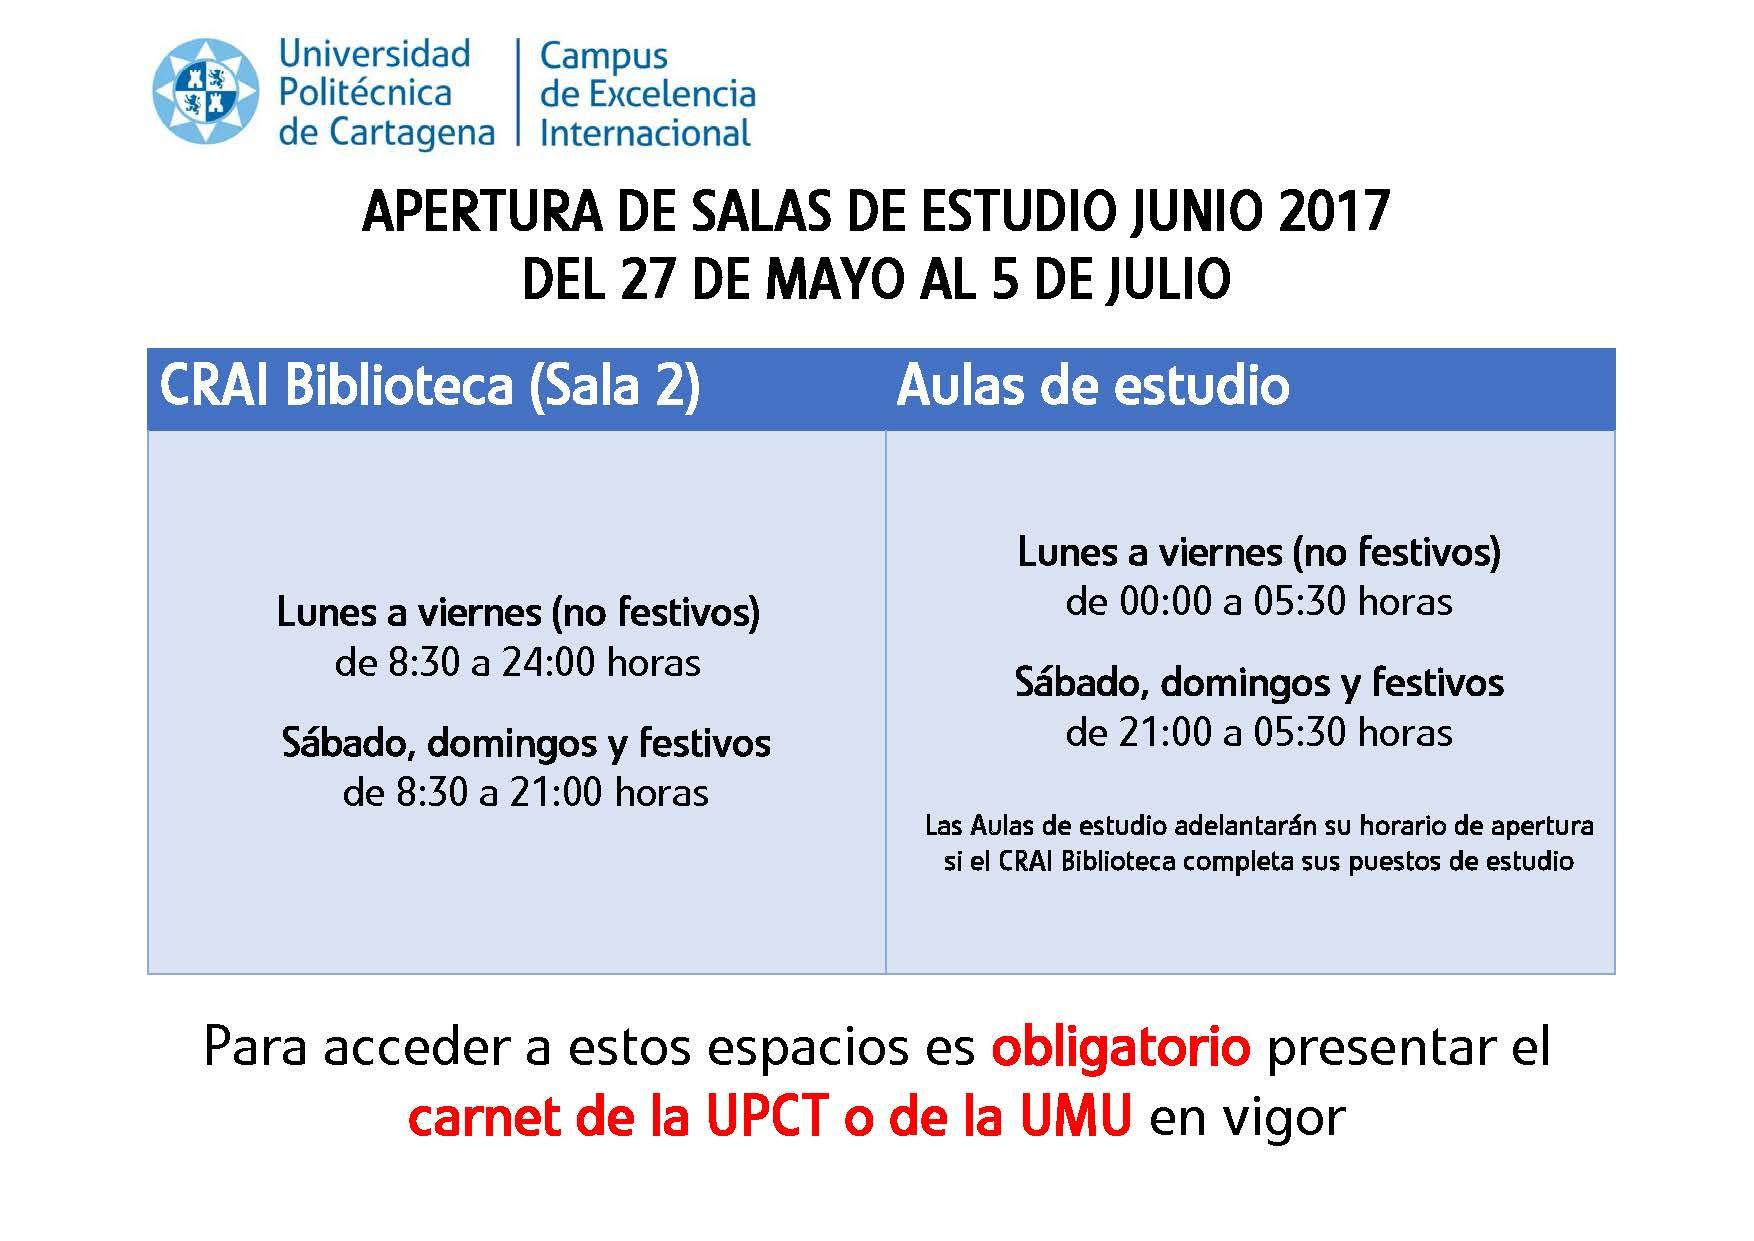 Horarios Y Salas De Estudio Para La Convocatoria De Junio 2017